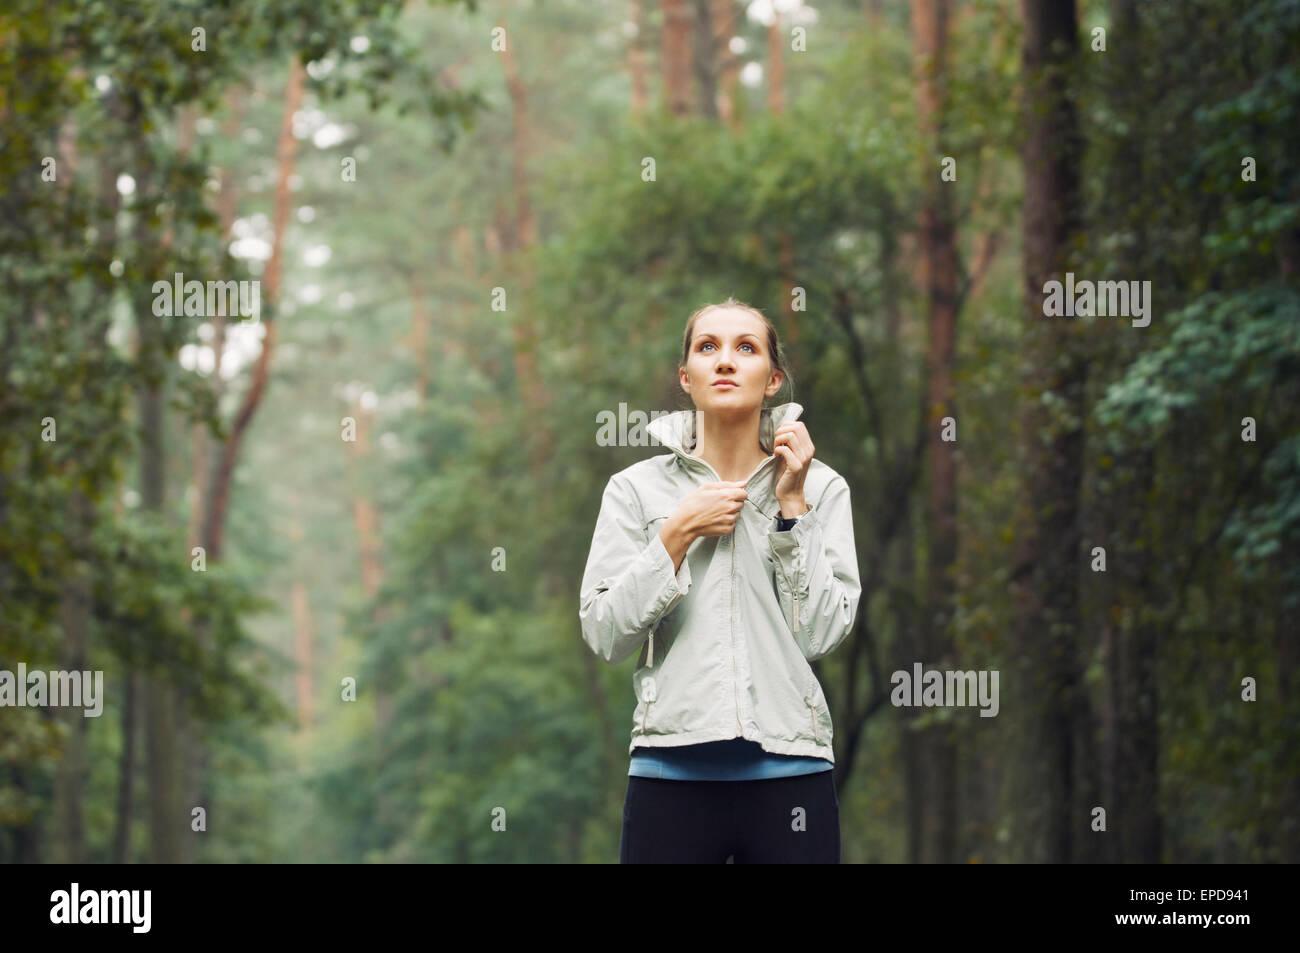 gesunder Lebensstil Fitness sportliche Frau rennt in den frühen Morgenstunden im Waldbereich, gesunden Lebensstil Stockbild